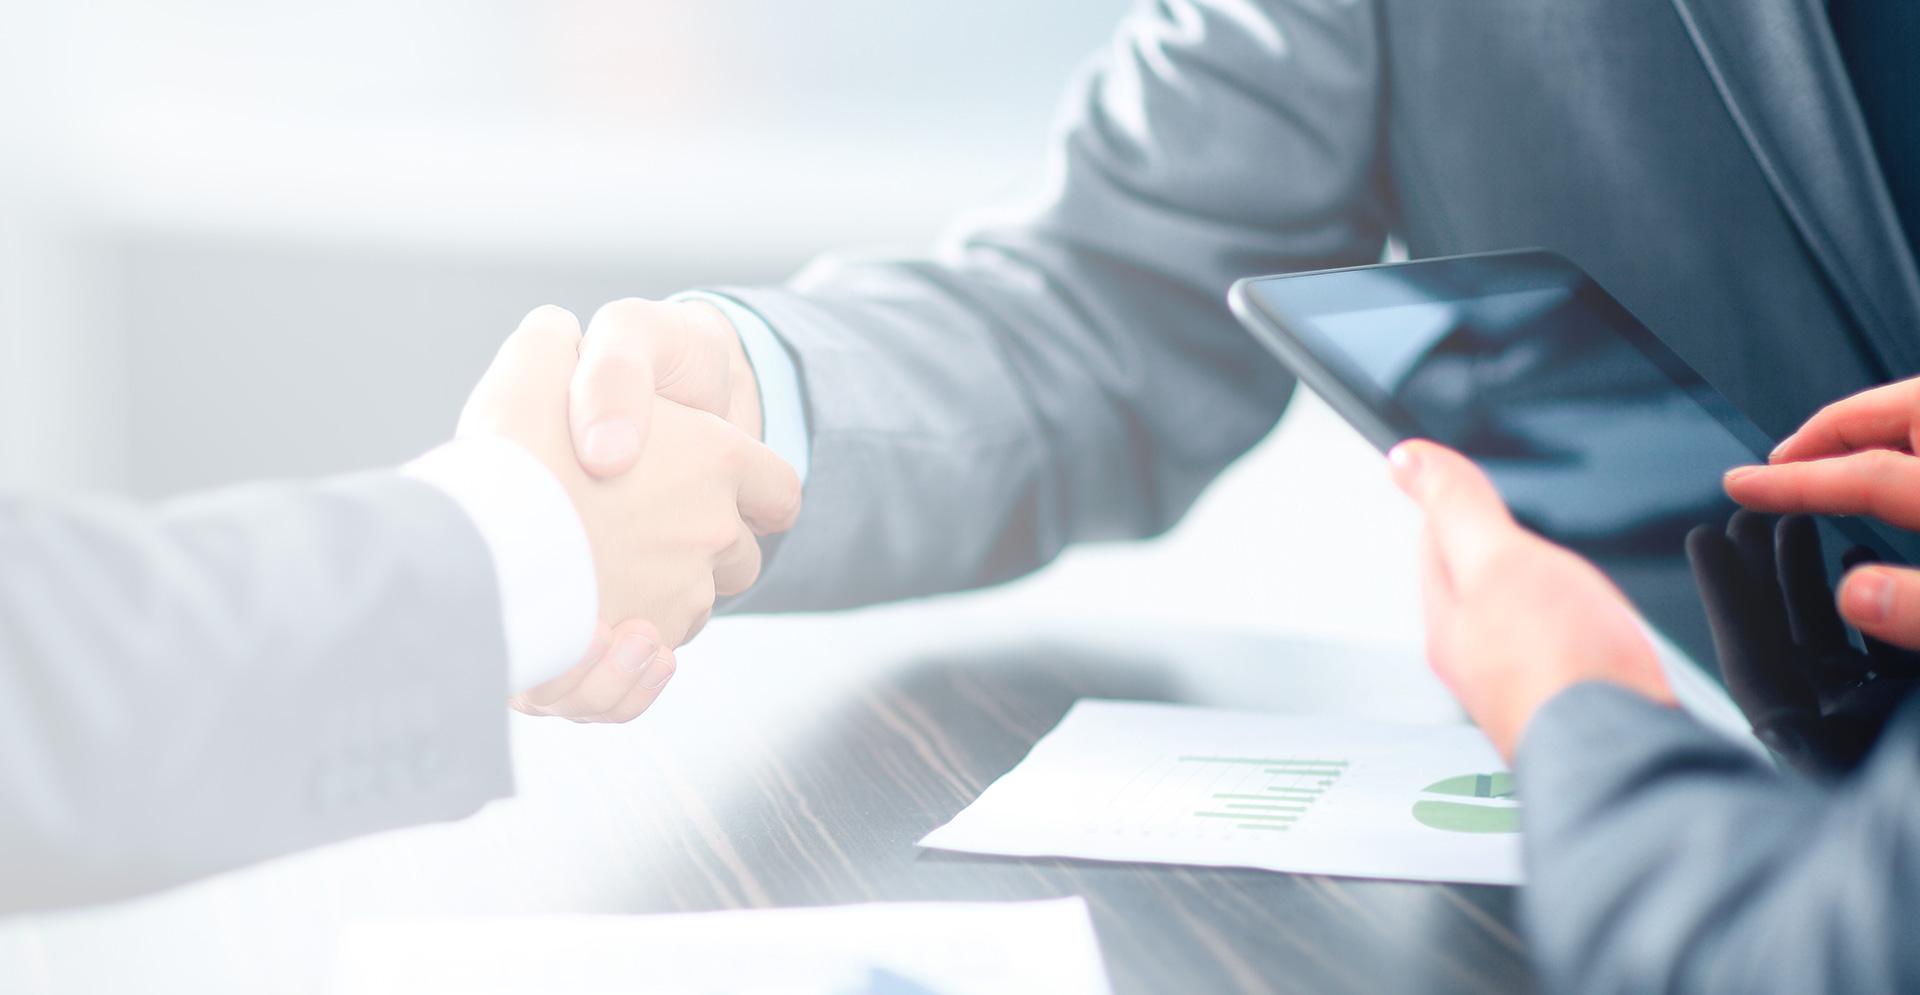 Somos intermediarios de crédito independientes - Gescamp Asociados Servicios Financieros